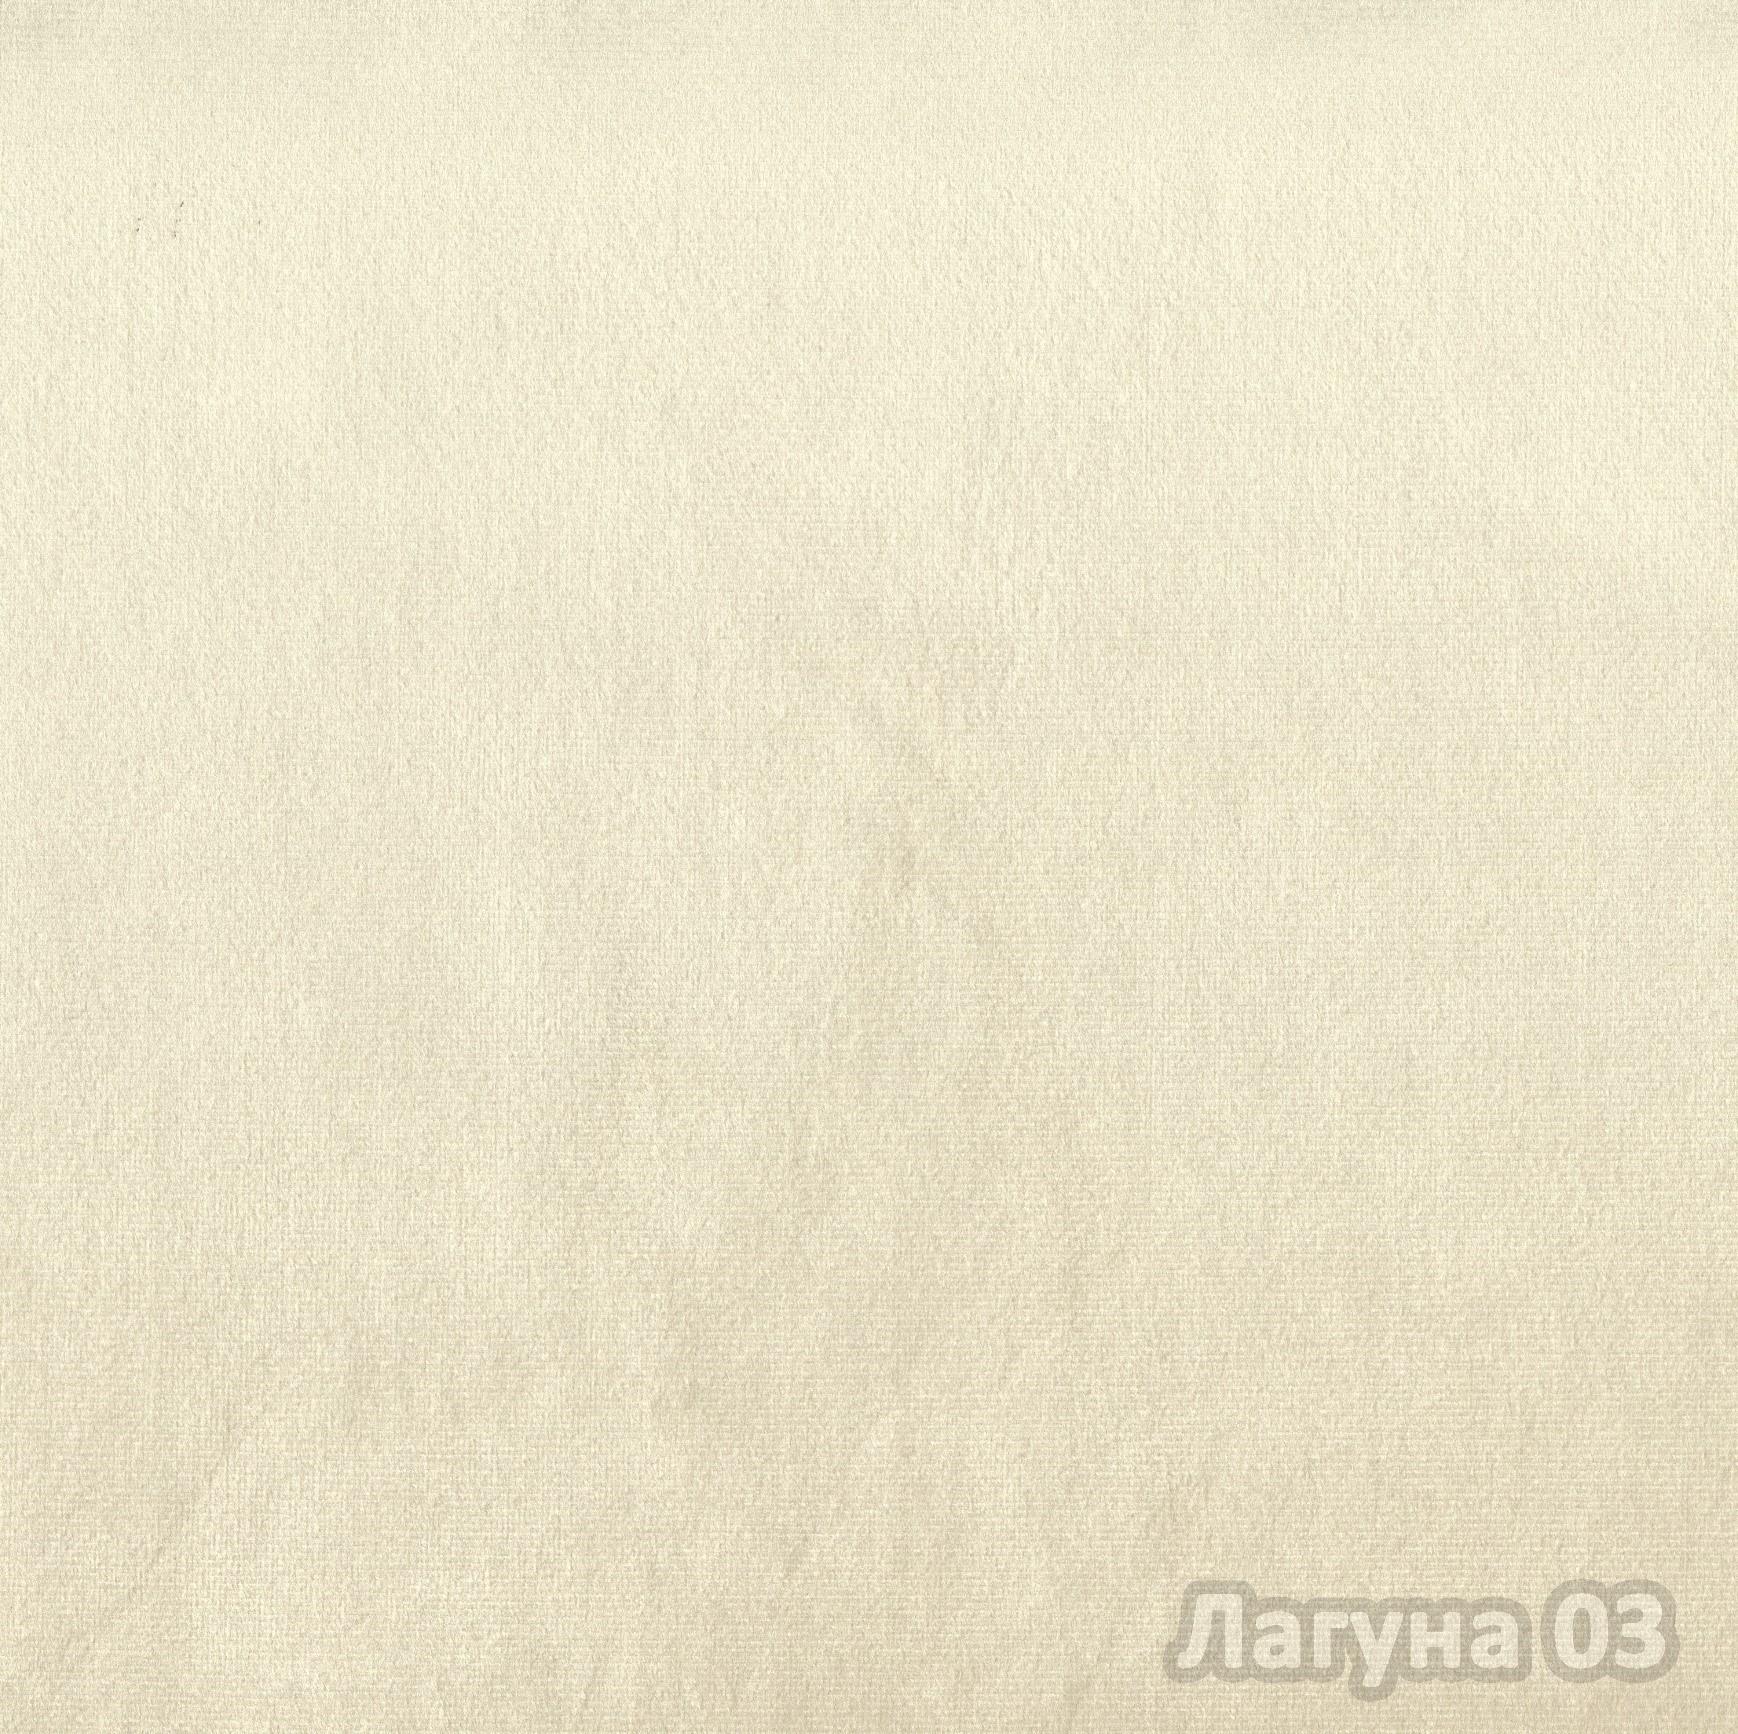 Коллекция ткани Лагуна 3,  купить ткань Велюр для мебели Украина